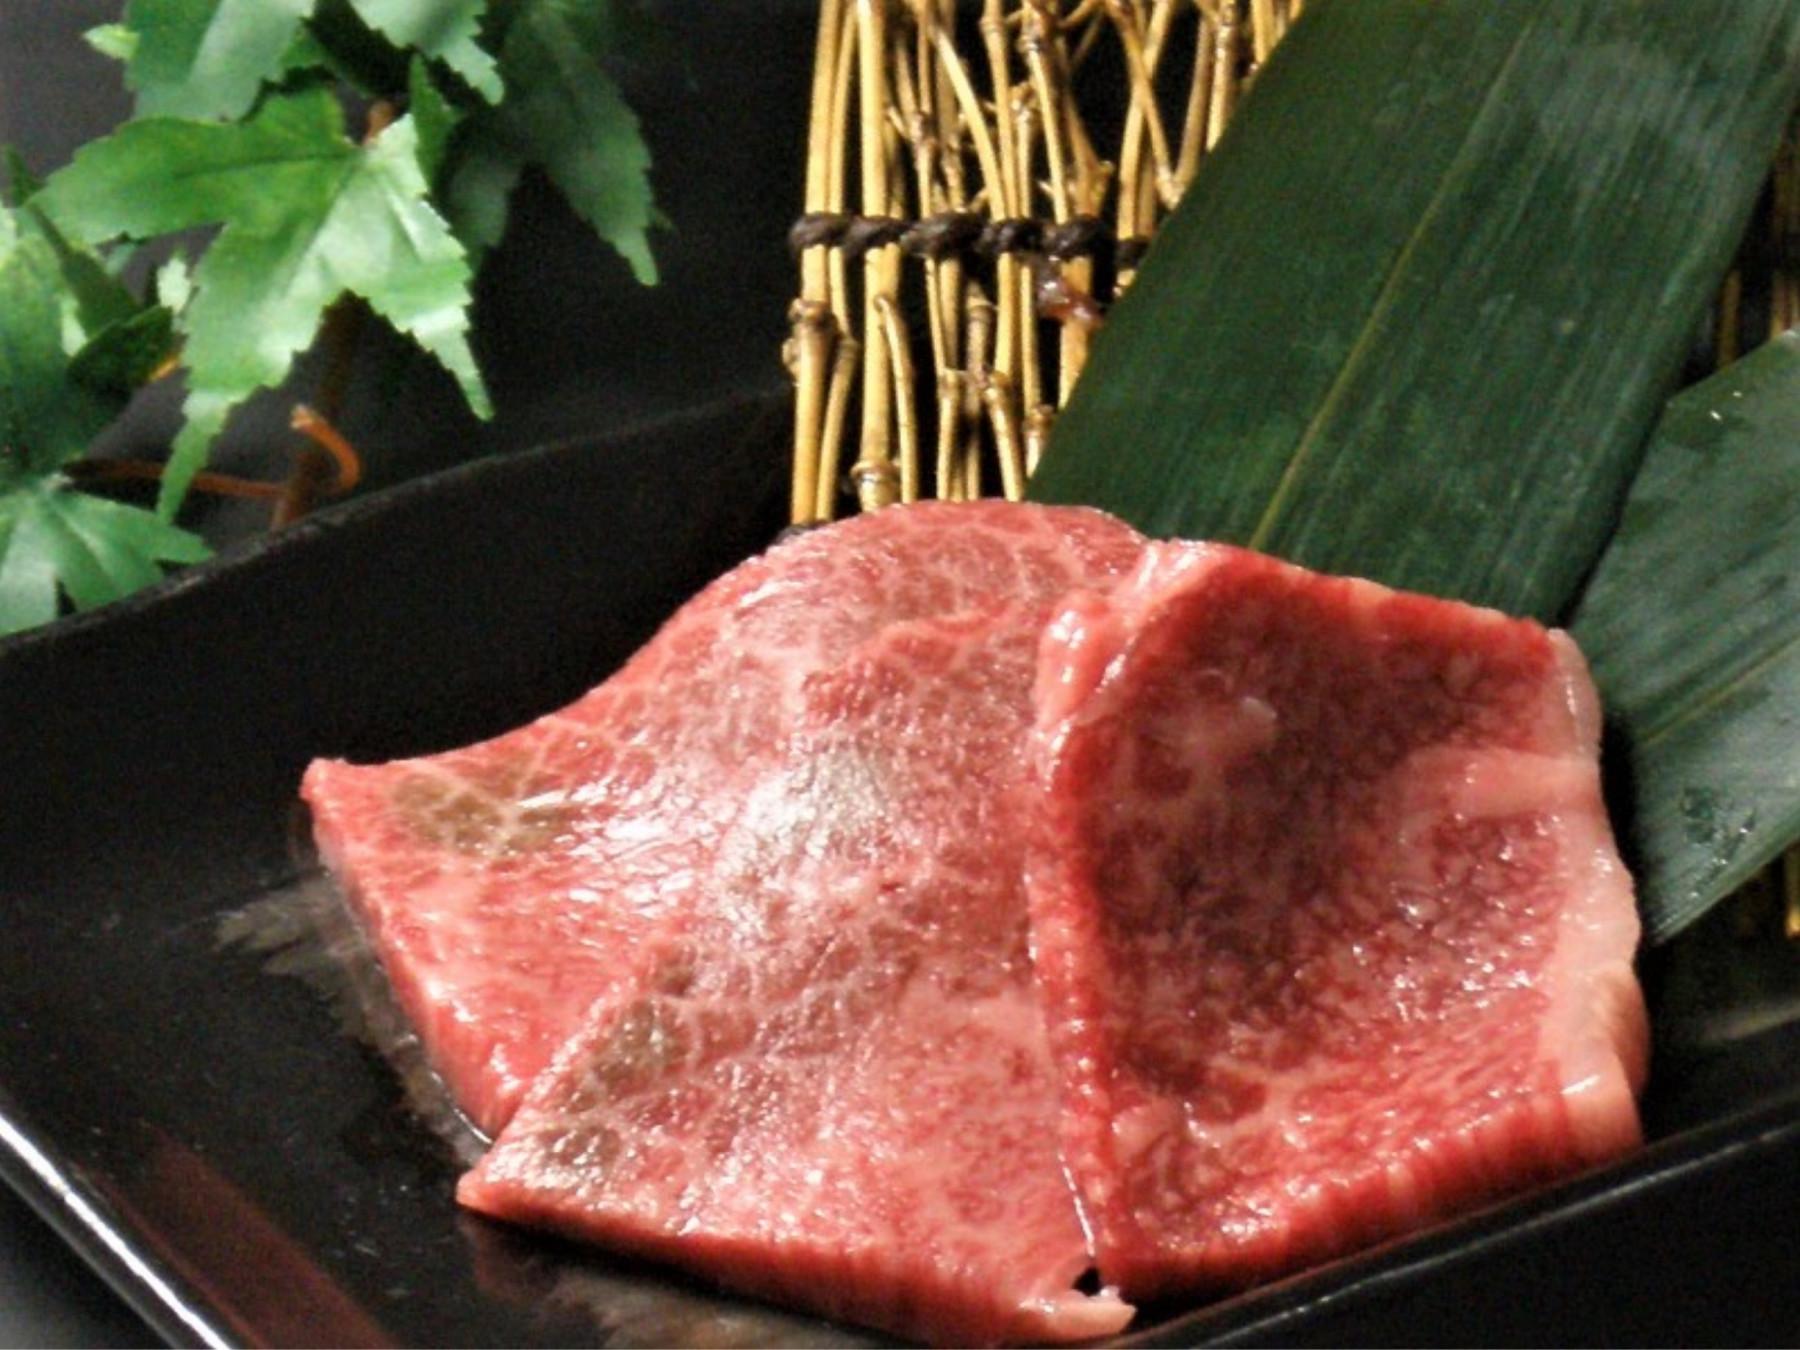 味、鮮度、品質に自信あり!冷蔵でお届けします 限定生産の石見和牛をお召し上がりください